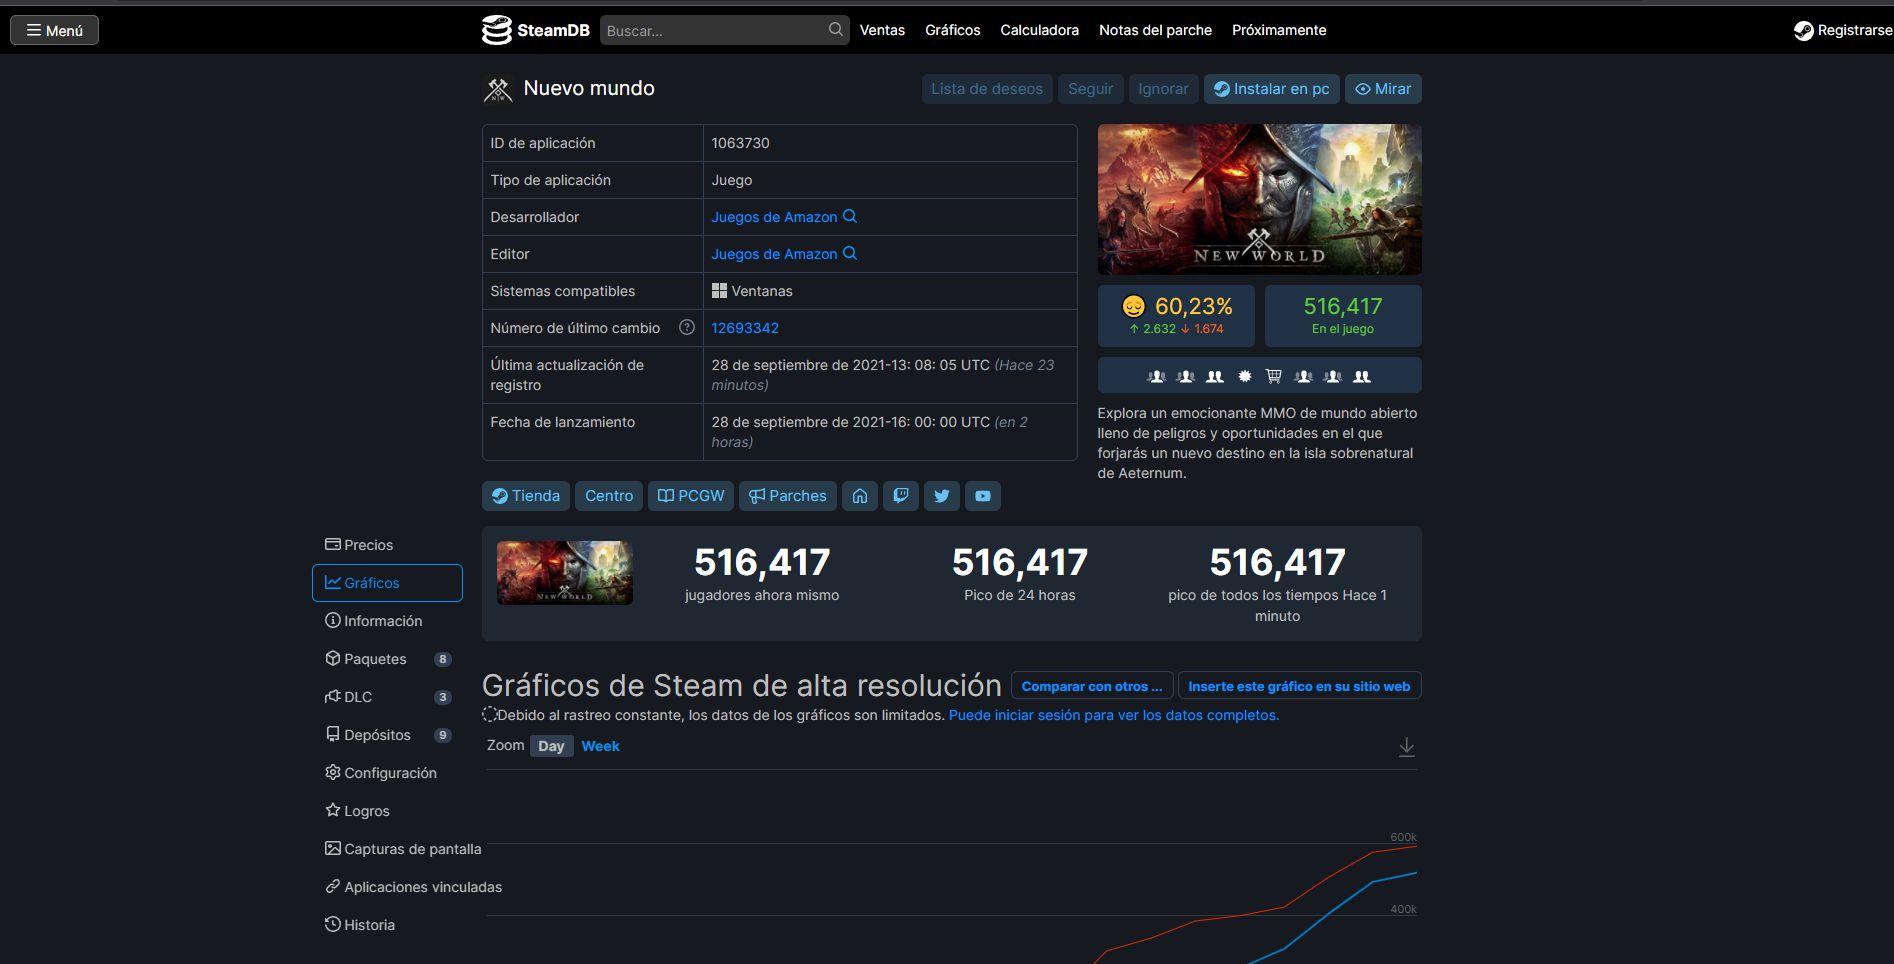 New World alcanza los 500K de jugadores en Steam y aumentando - New World no para de recibir una gran afluencia de jugadores, estando entre lo más jugado de Steam con unas cifras increíbles.